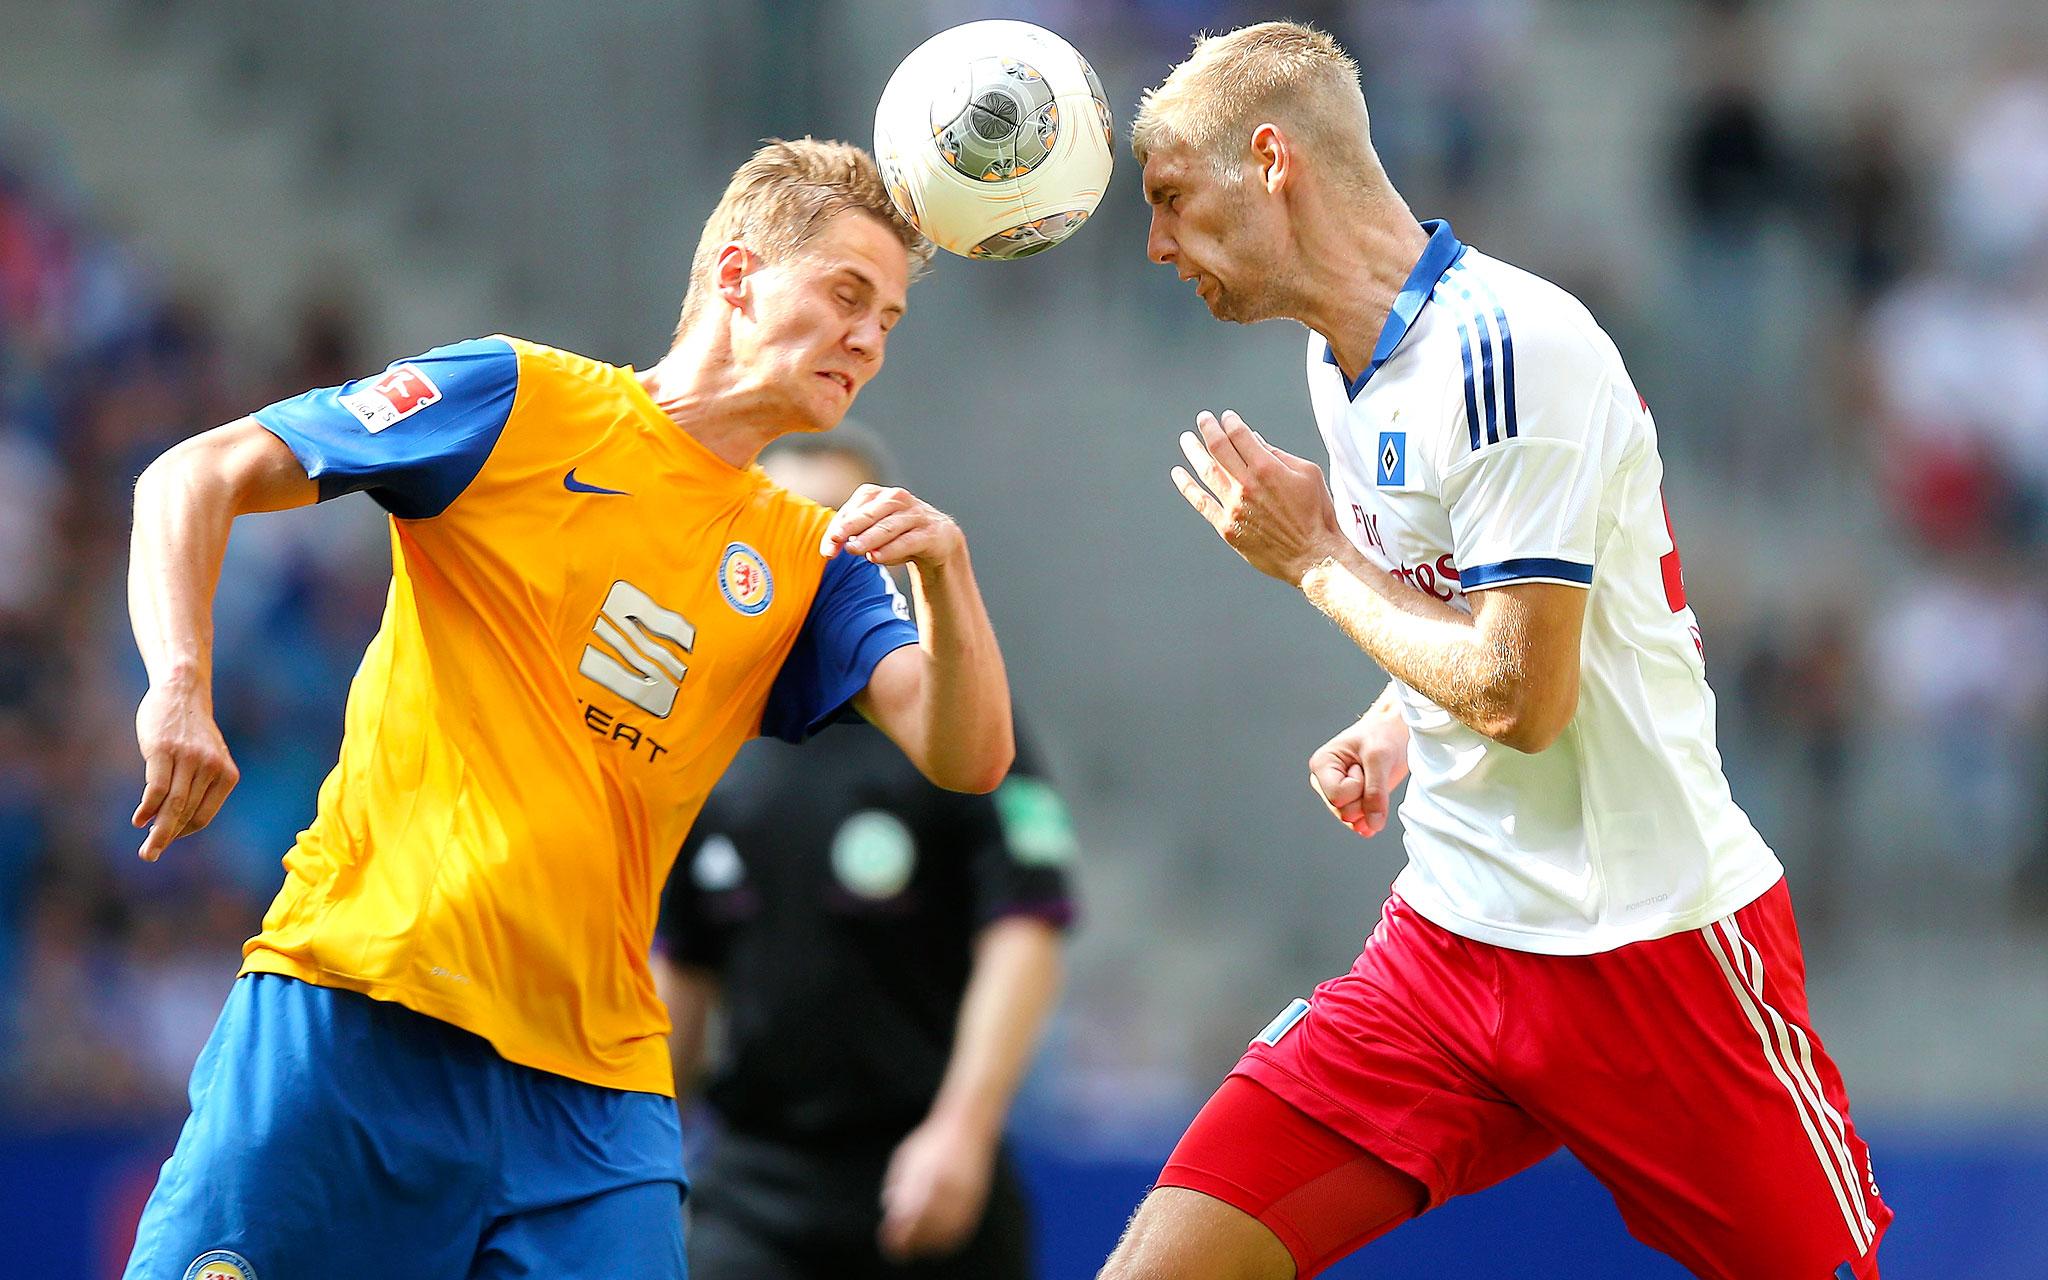 Lasse Sobiech and Torsten Oehrl